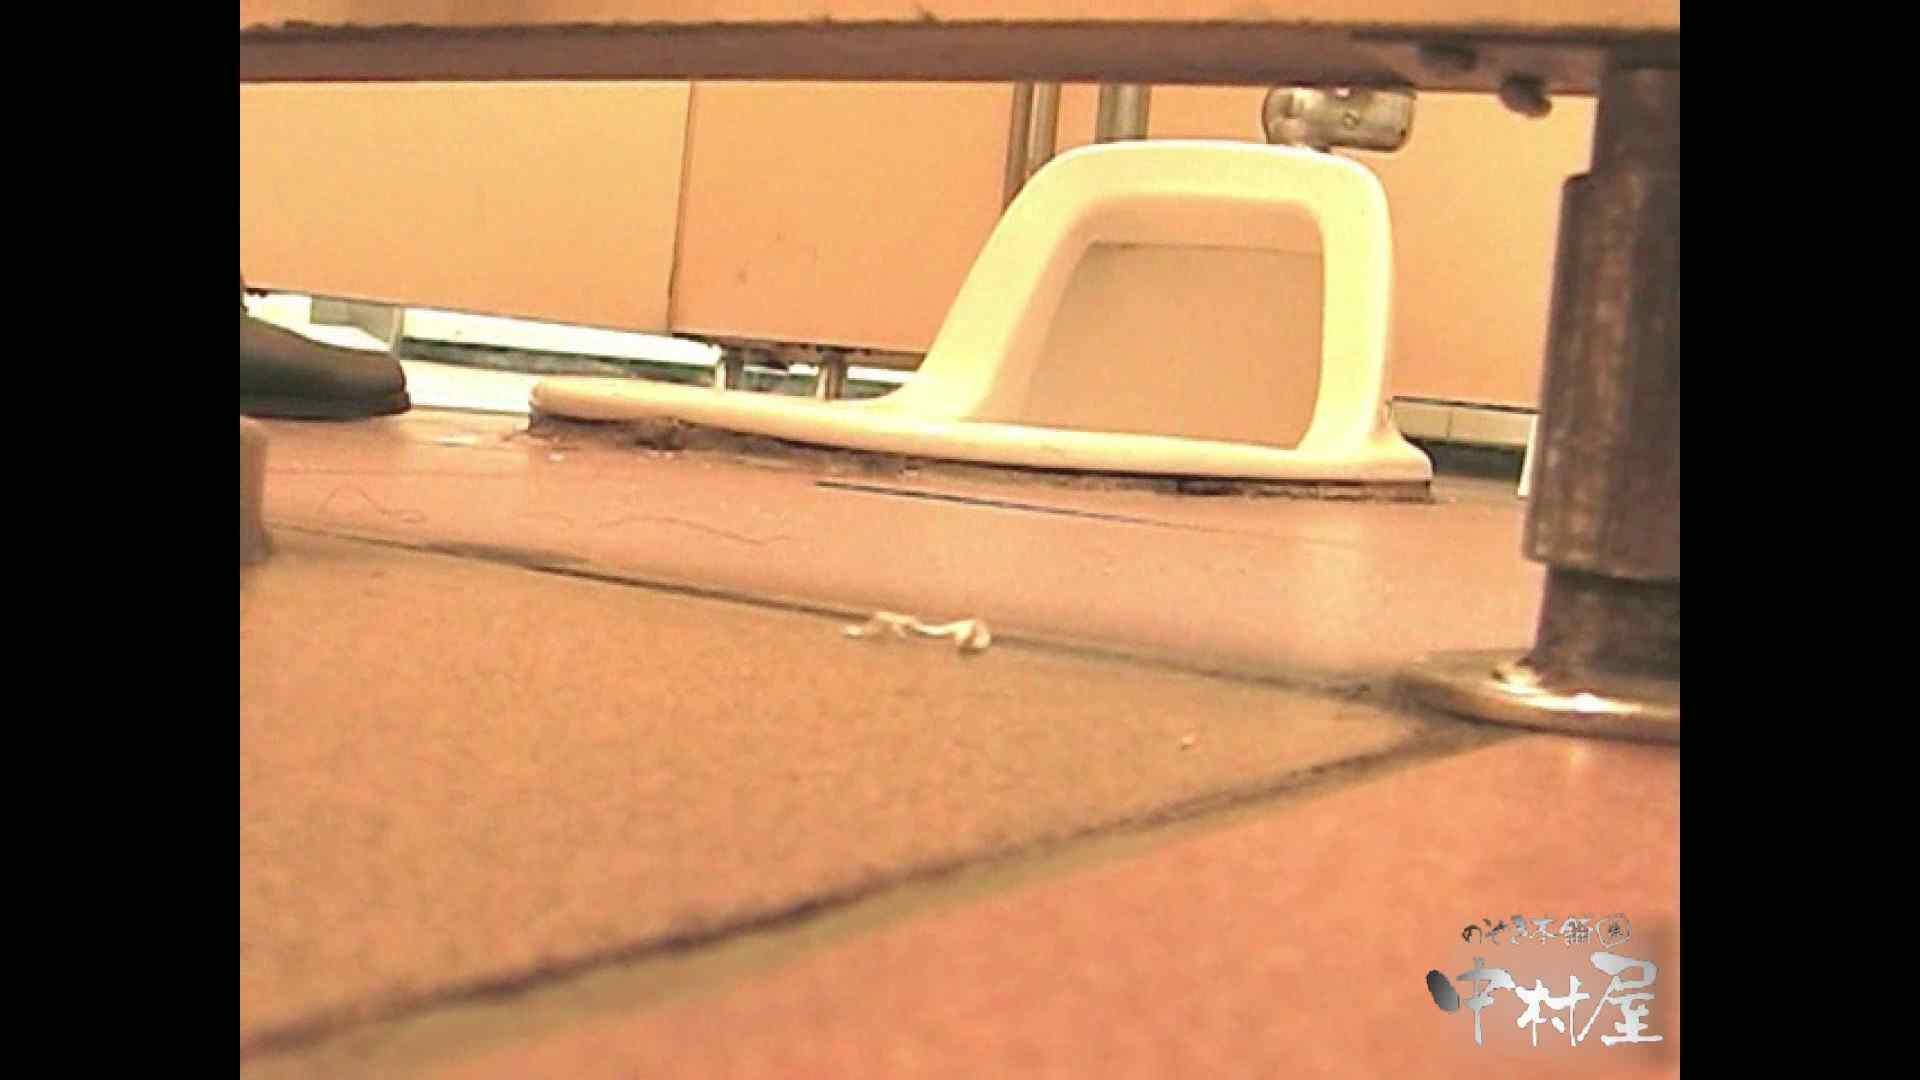 岩手県在住盗撮師盗撮記録vol.01 排泄隠し撮り おまんこ無修正動画無料 98pic 47